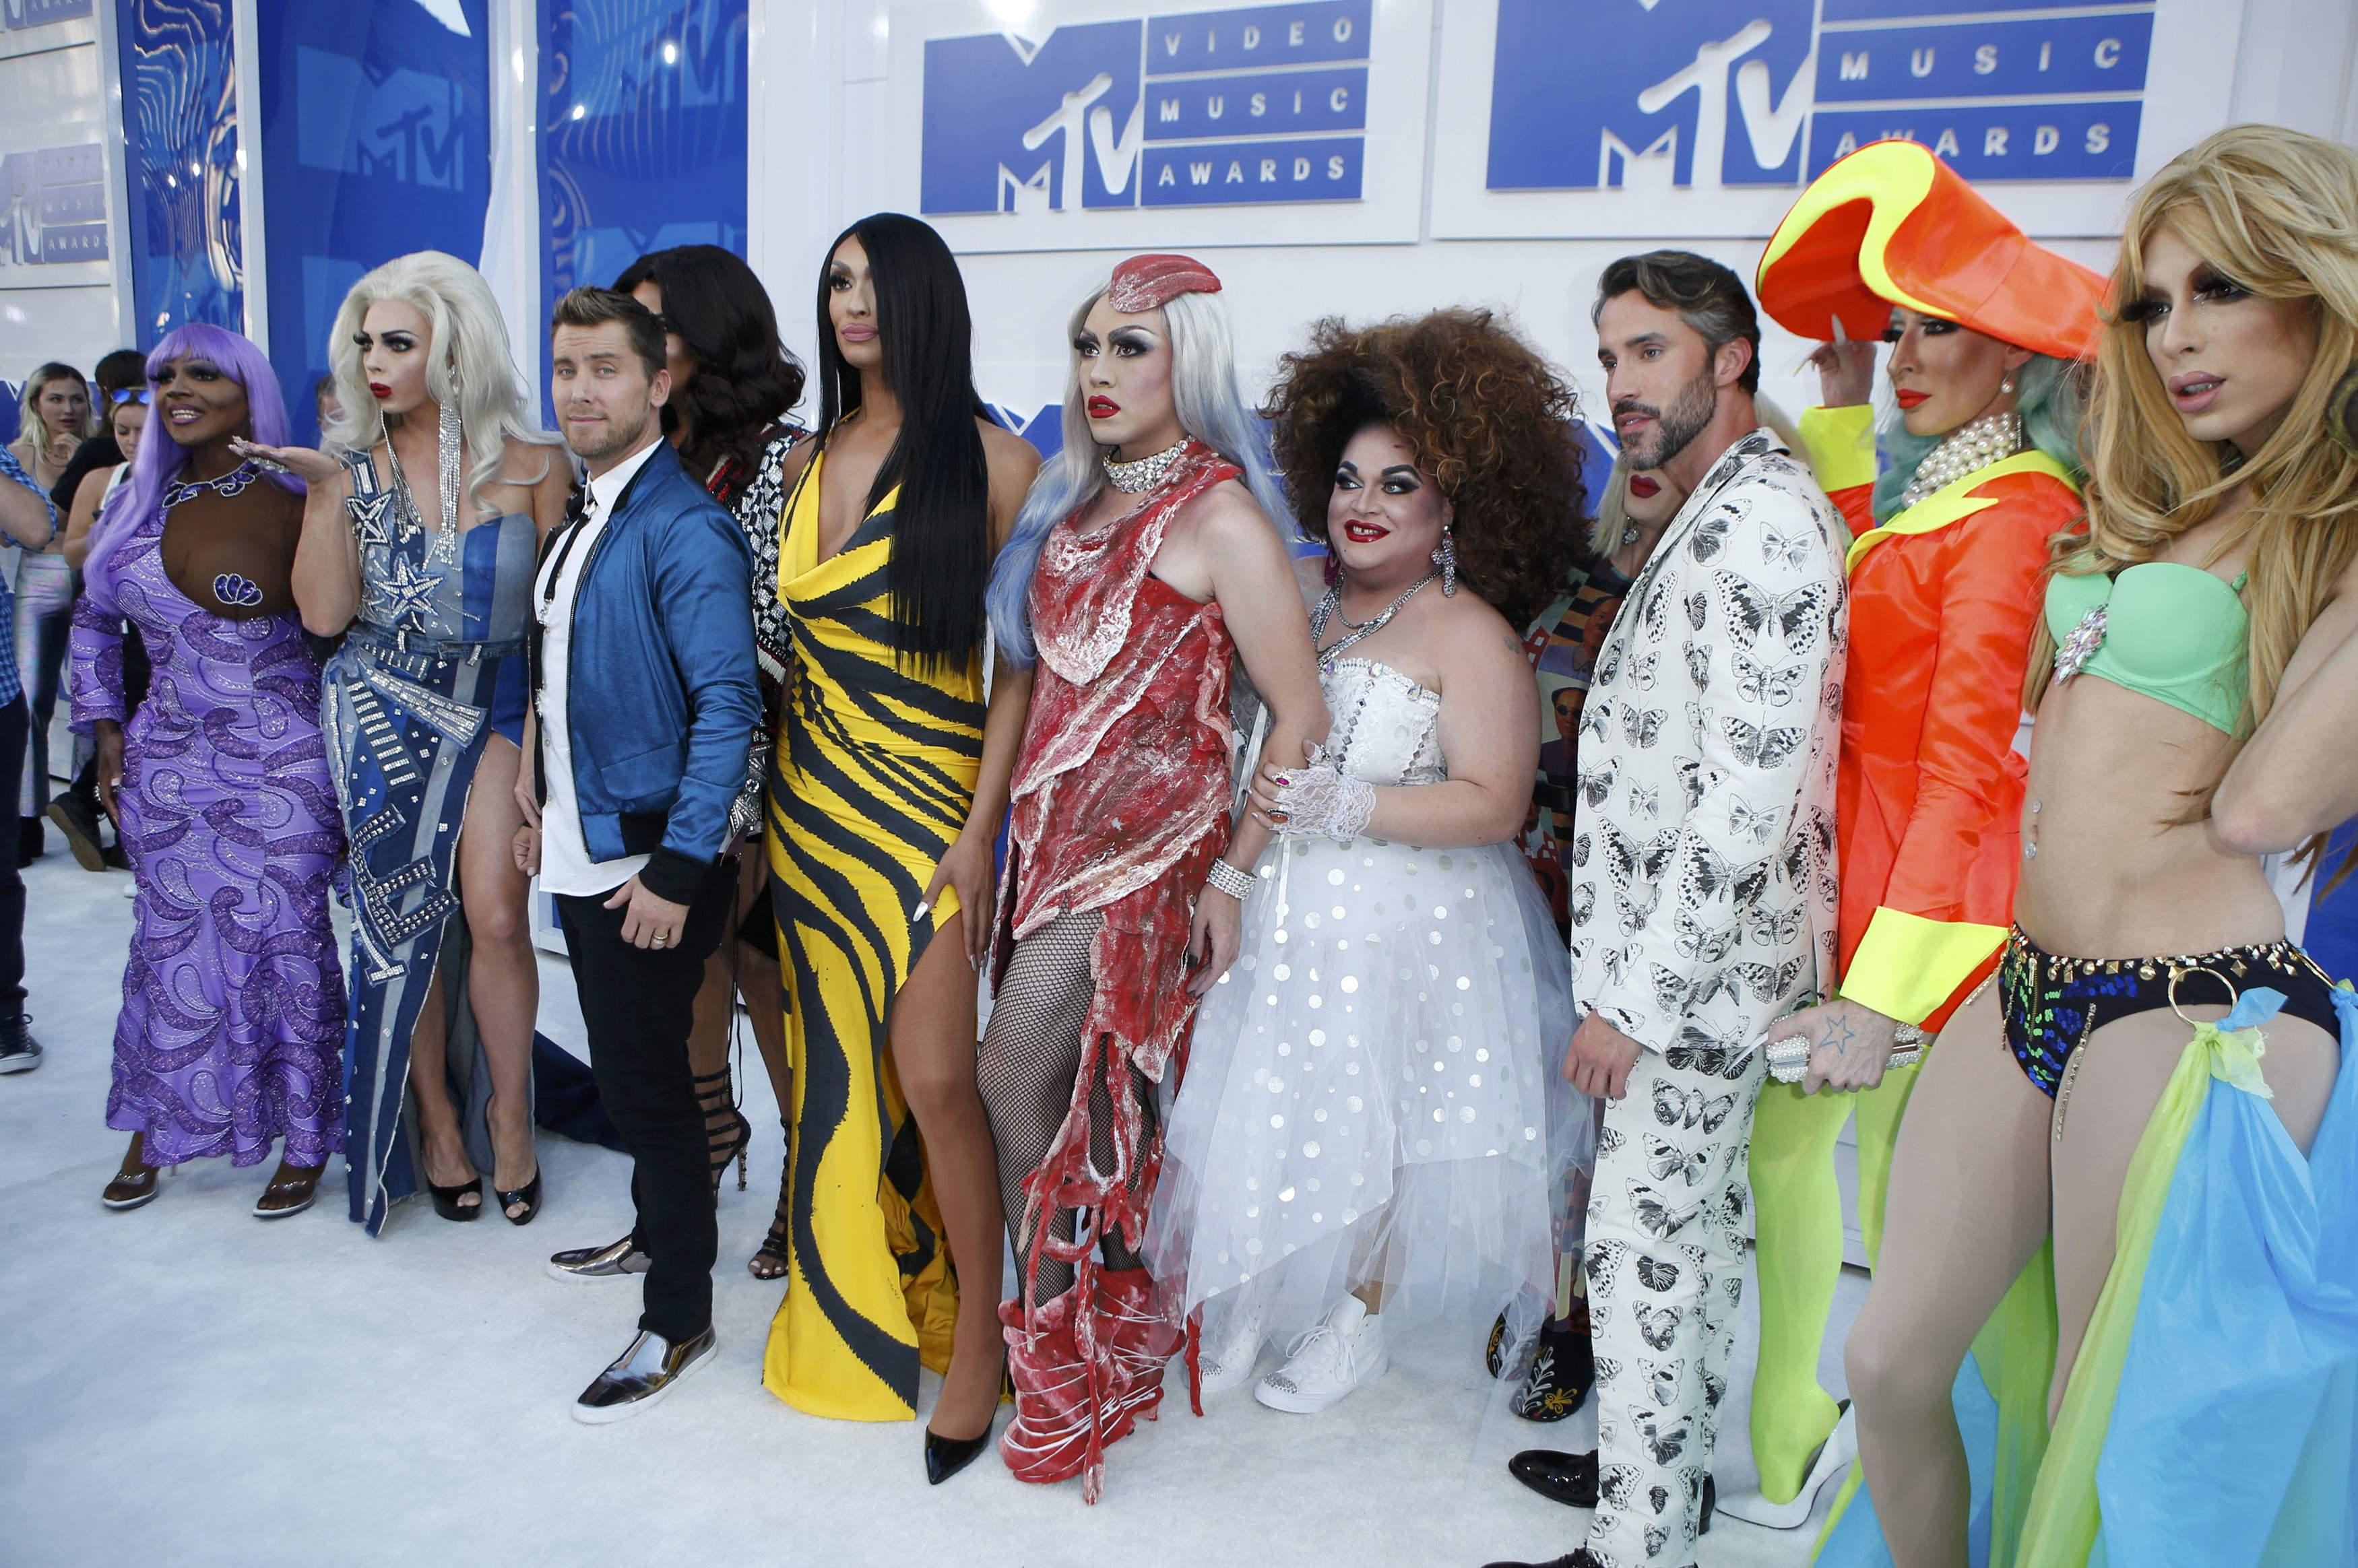 Ким Кардашьян в мини, а Ники Минаж в прозрачном платье: лучшие наряды звезд на MTV Music Awards